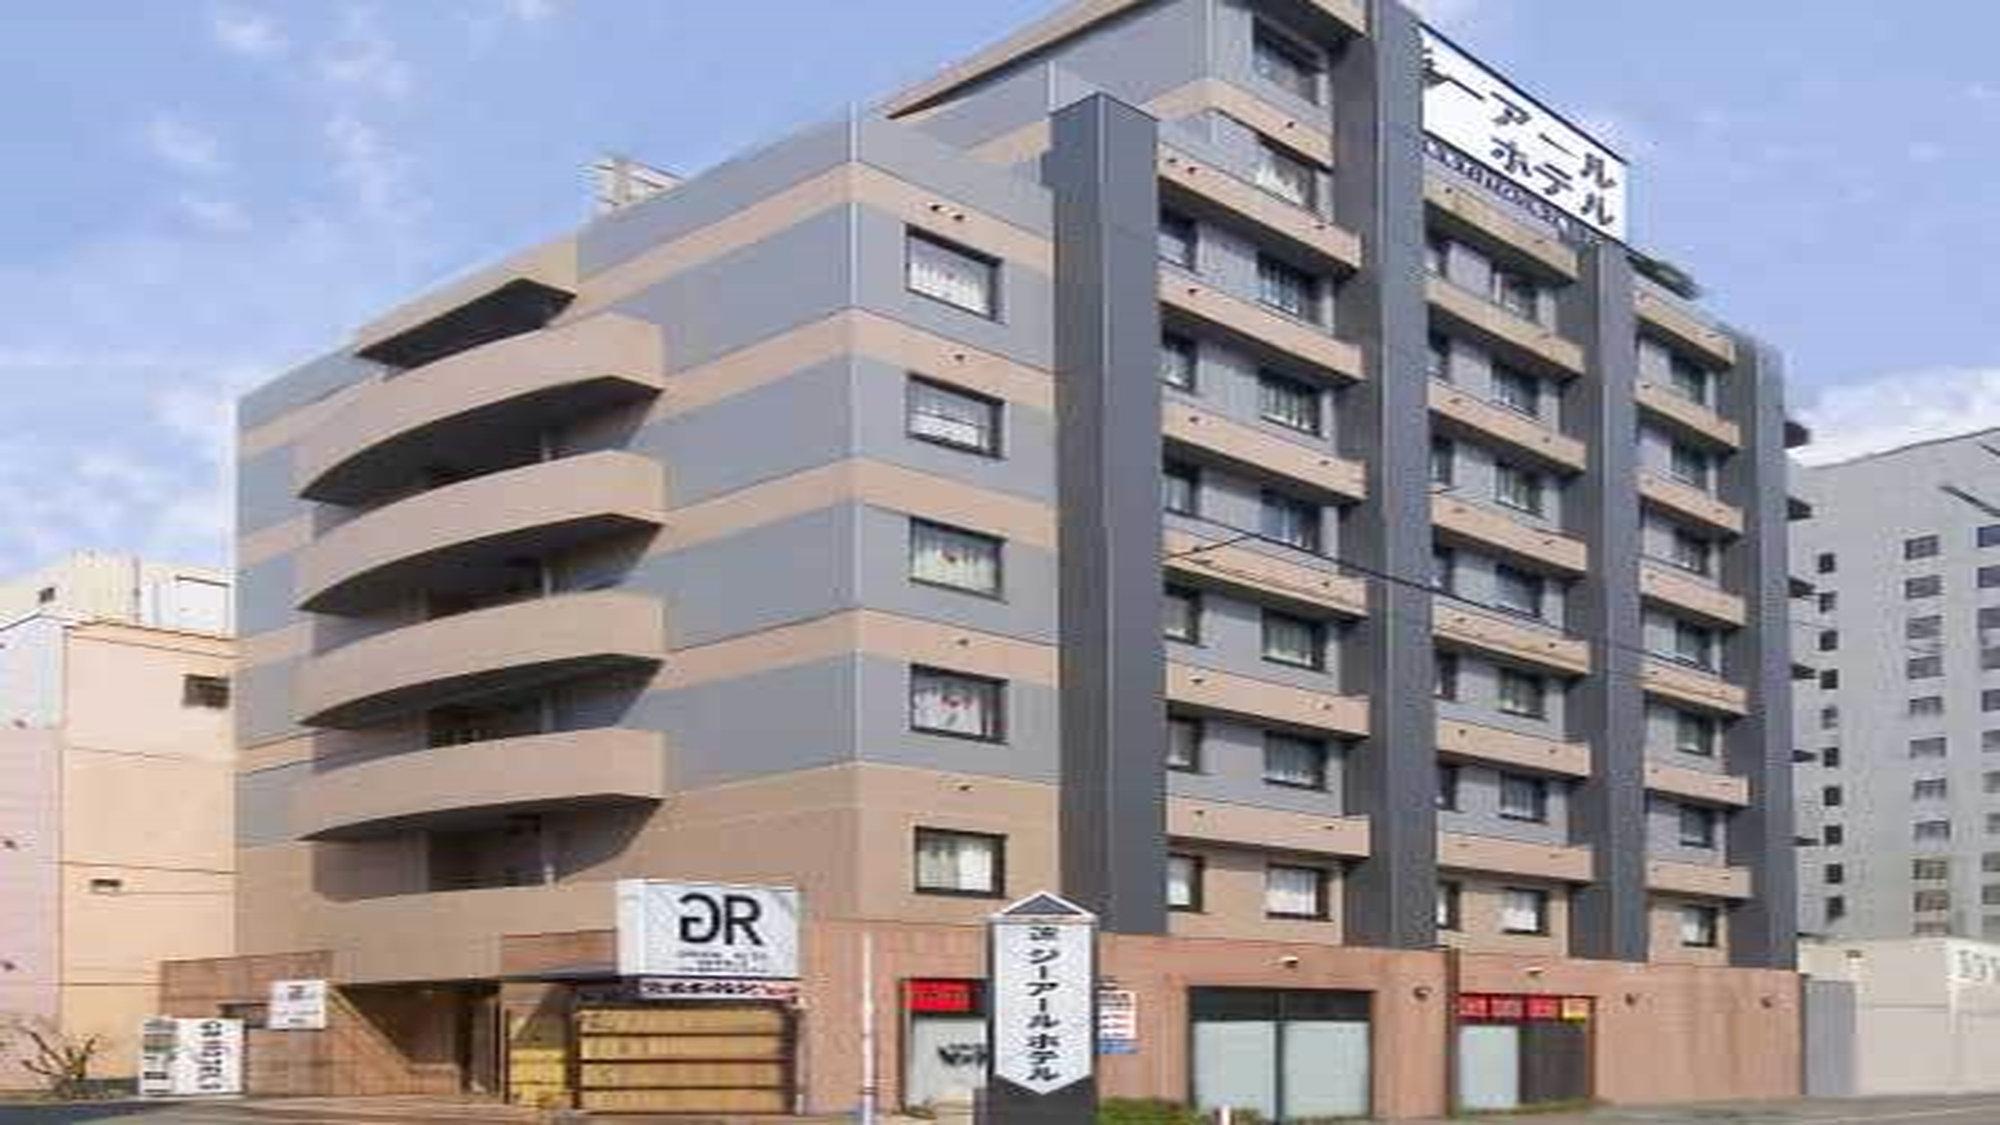 ジーアール ホテル 水道町◆楽天トラベル